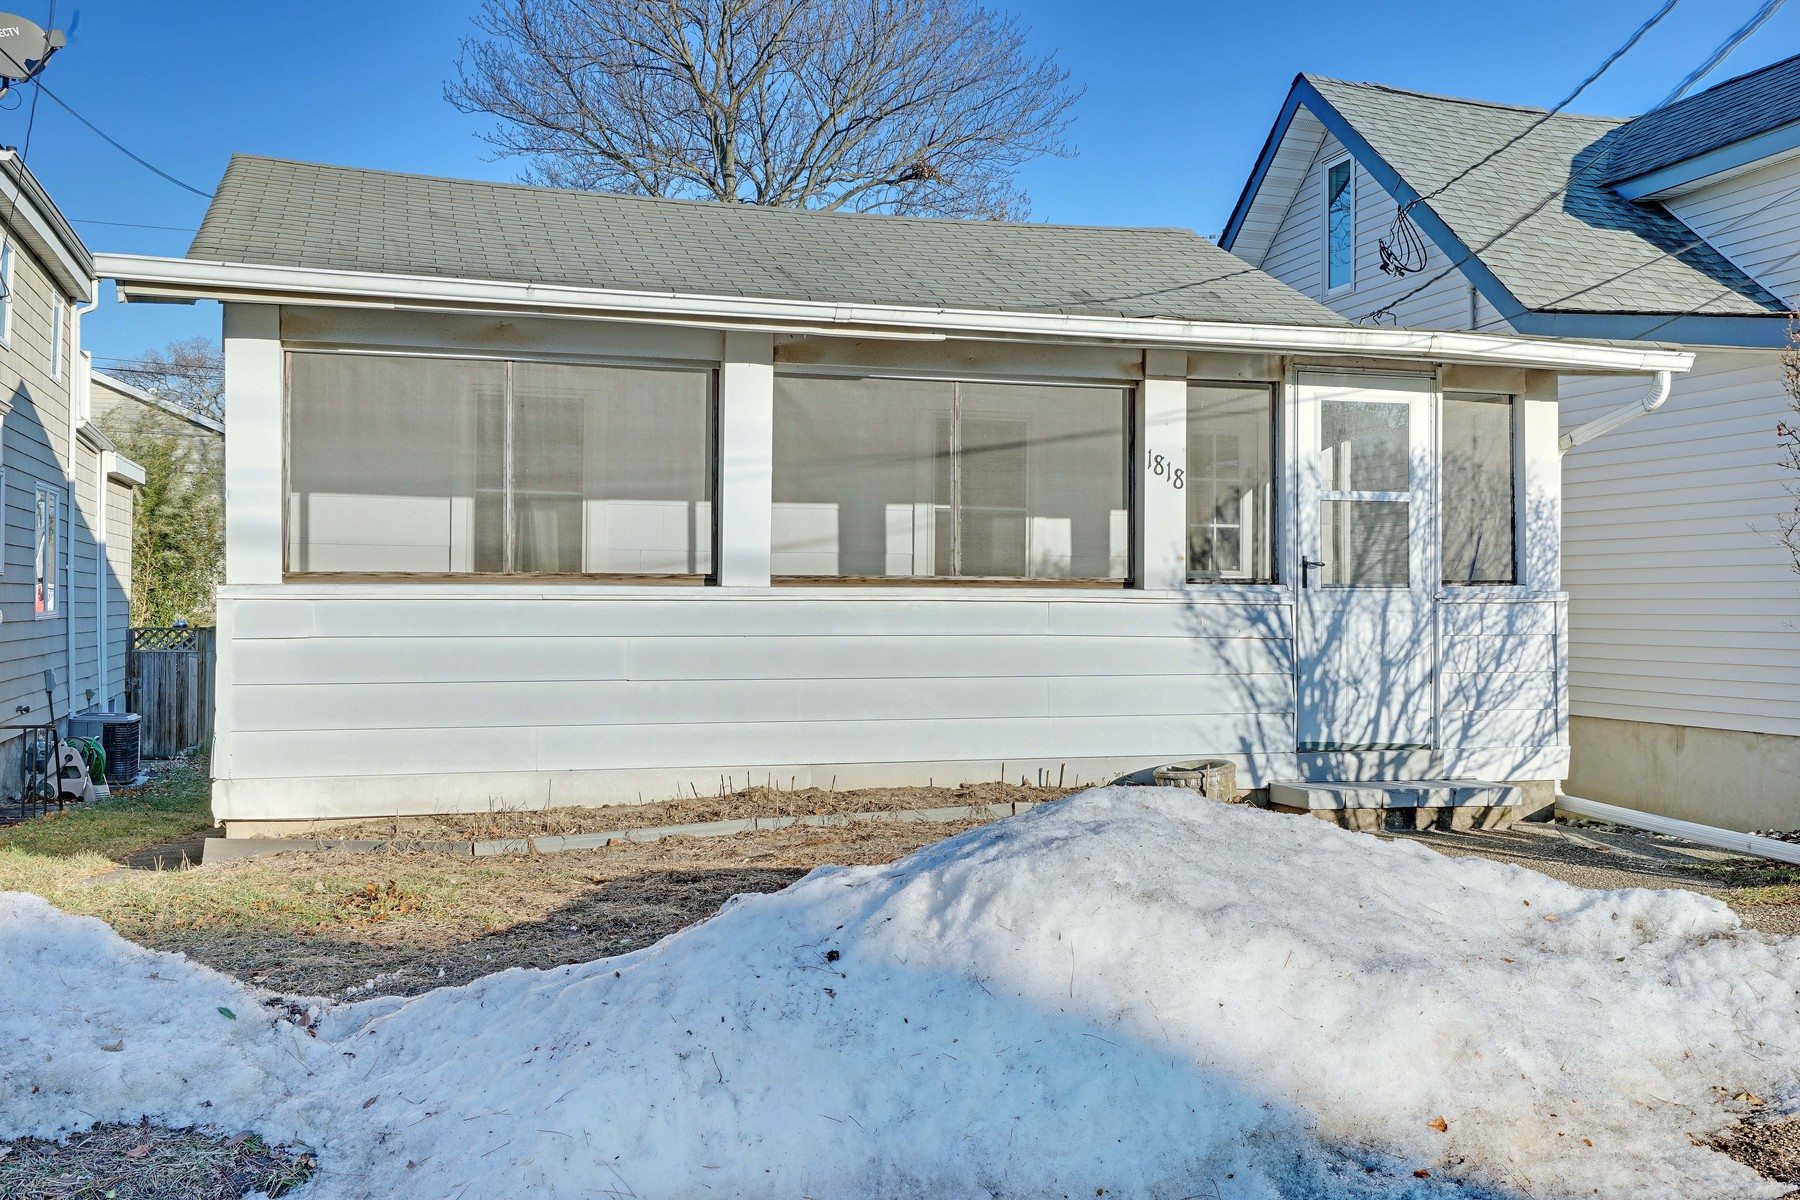 Частный односемейный дом для того Продажа на Summer Getaway or Starter Home 1818 Laurel Terrace, Lake Como, Нью-Джерси, 07719 Соединенные Штаты